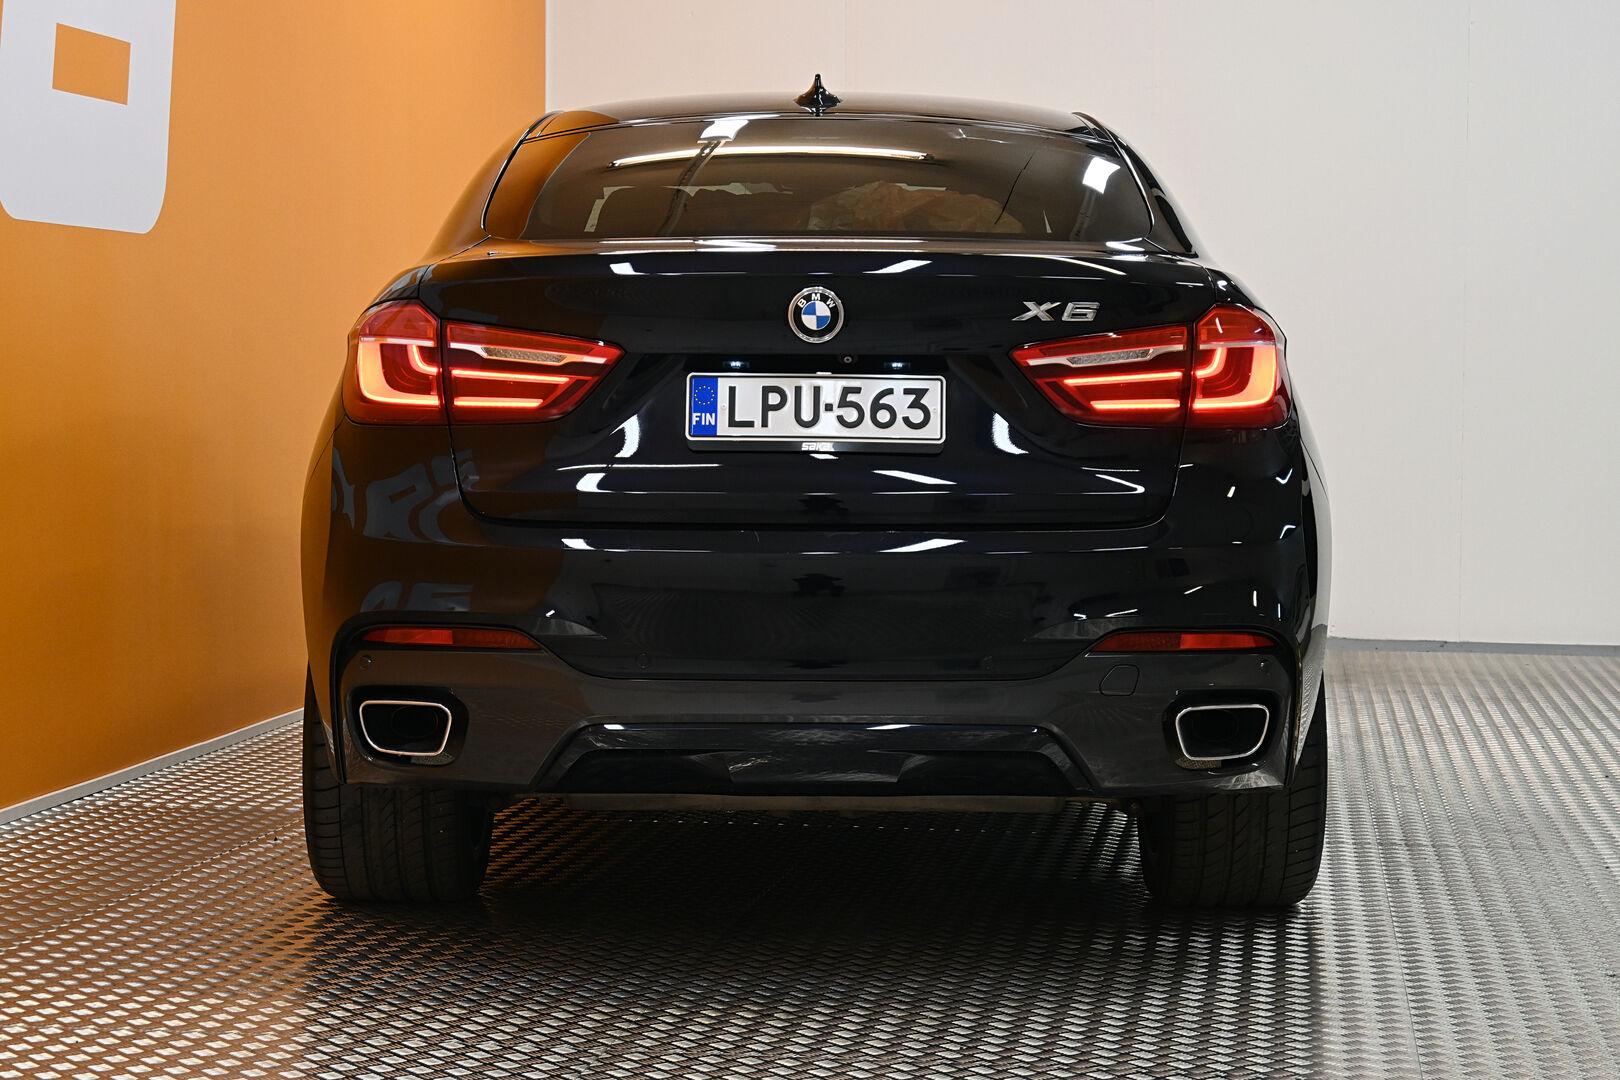 Musta Maastoauto, BMW X6 – OUL-13943, kuva 38